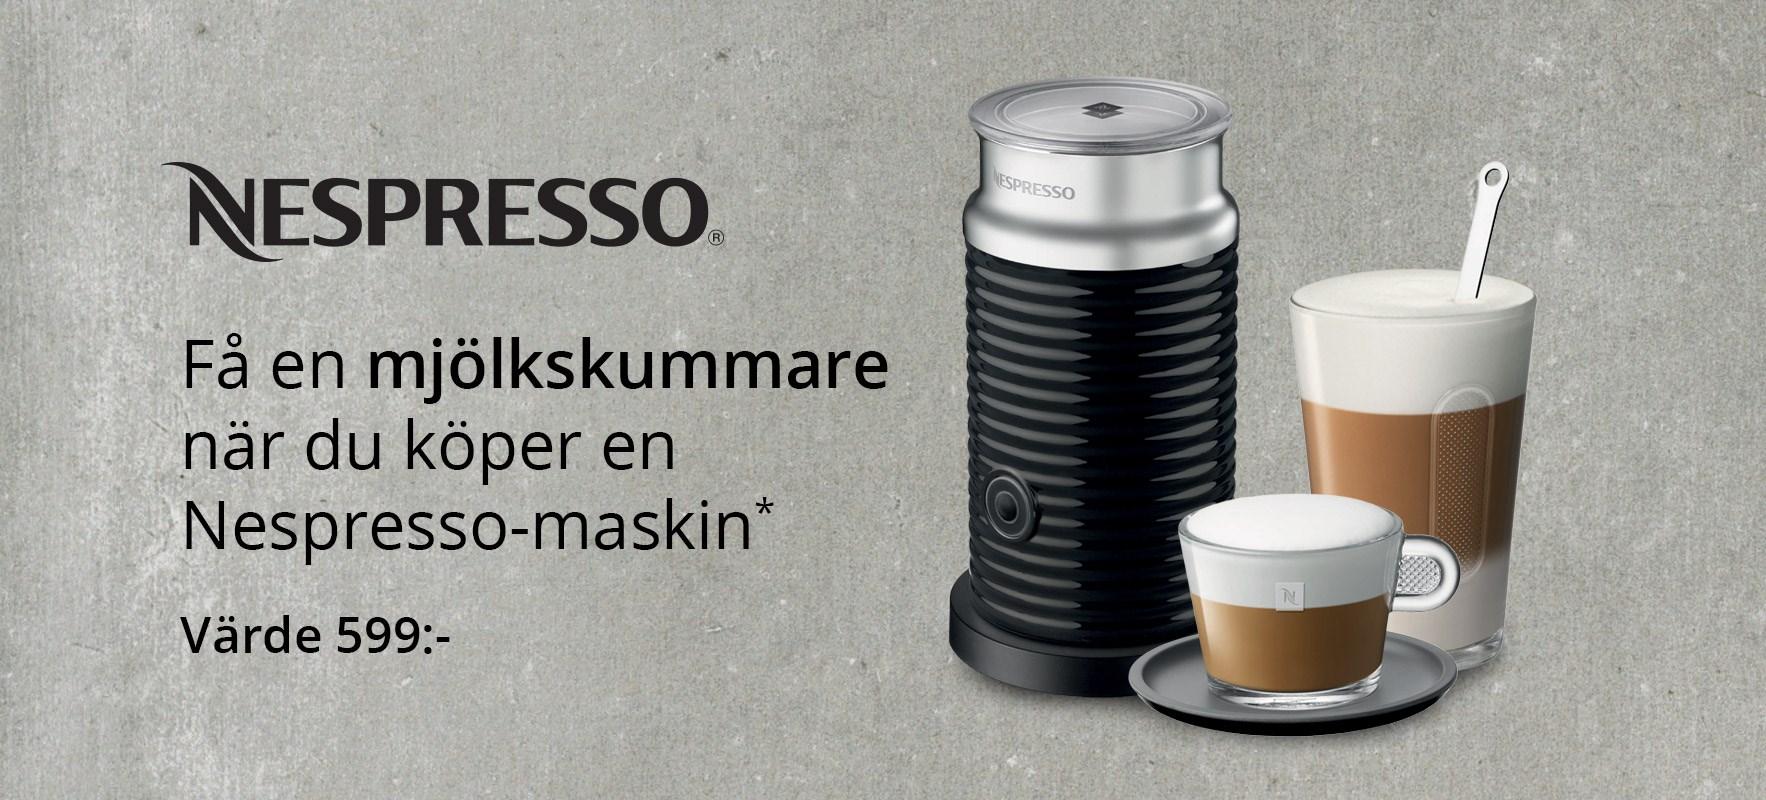 NetOnNet Nespresso NetOnNet